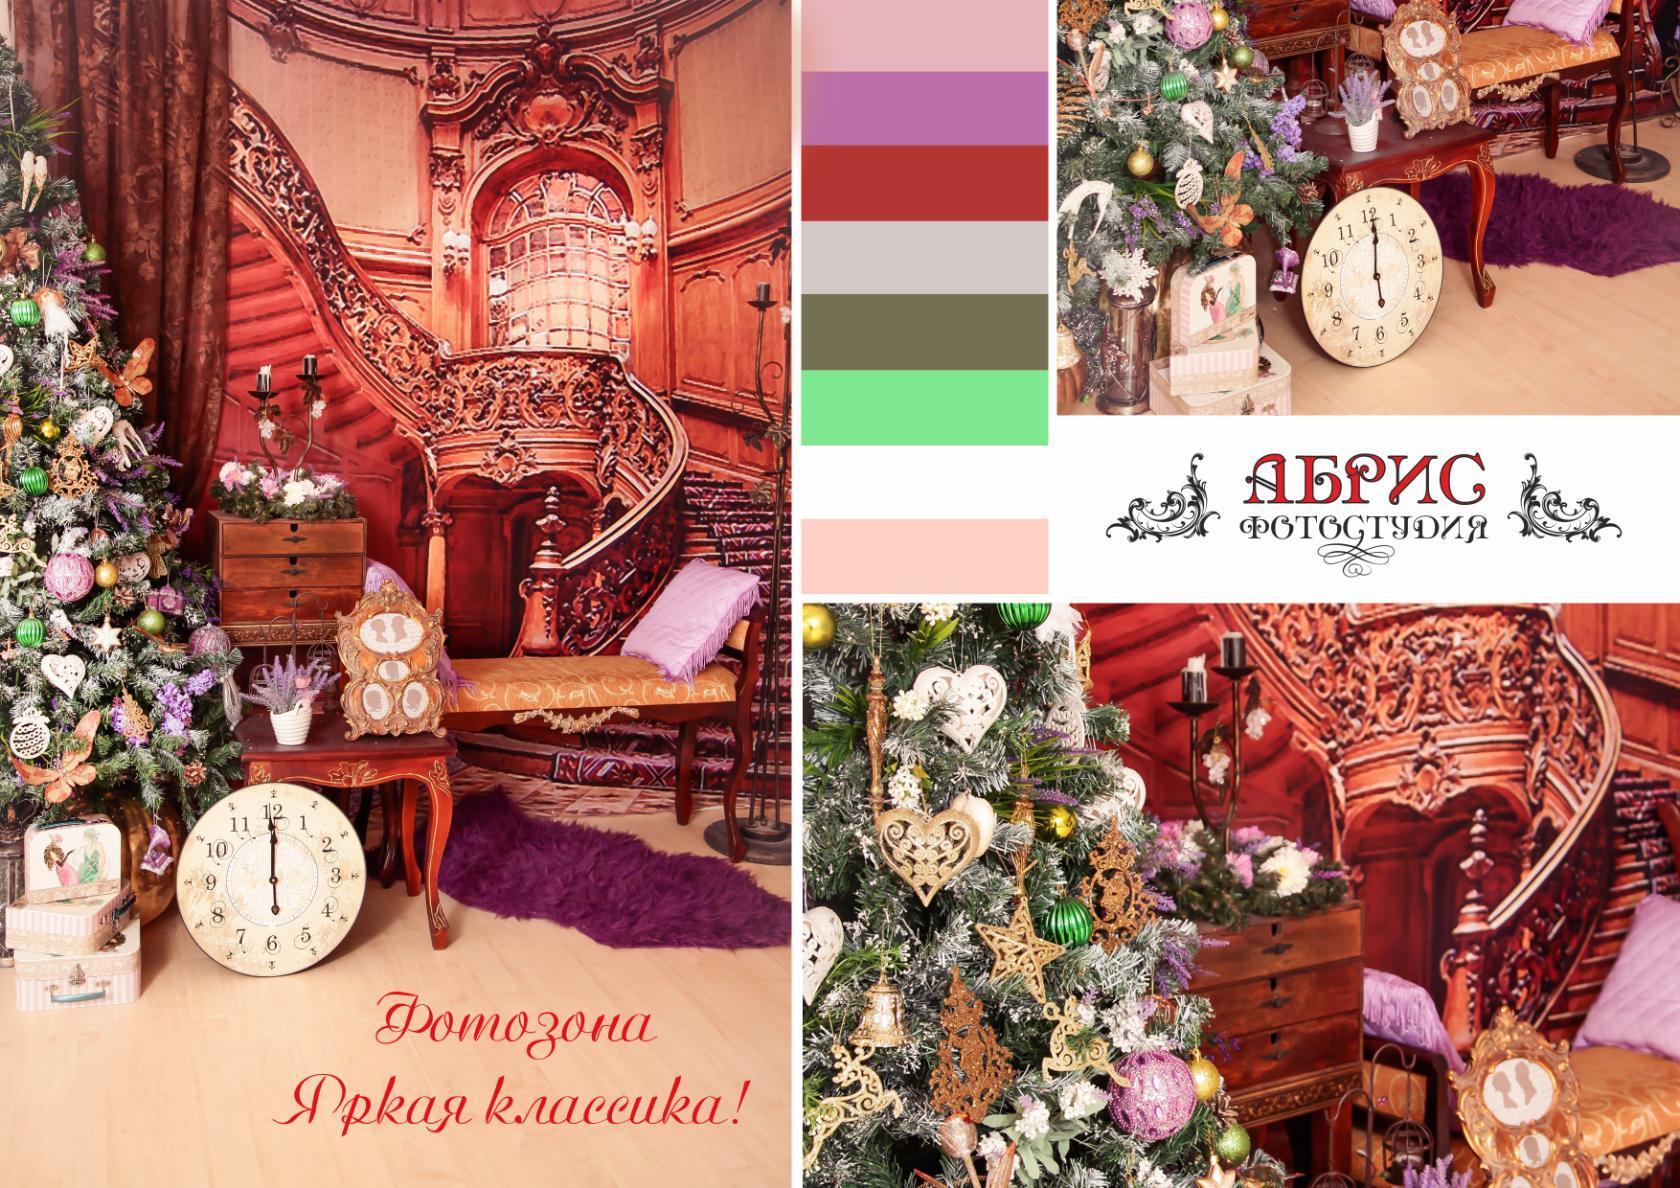 Новогодние интерьеры фотостудия Абрис г Томск тел 33-11-27